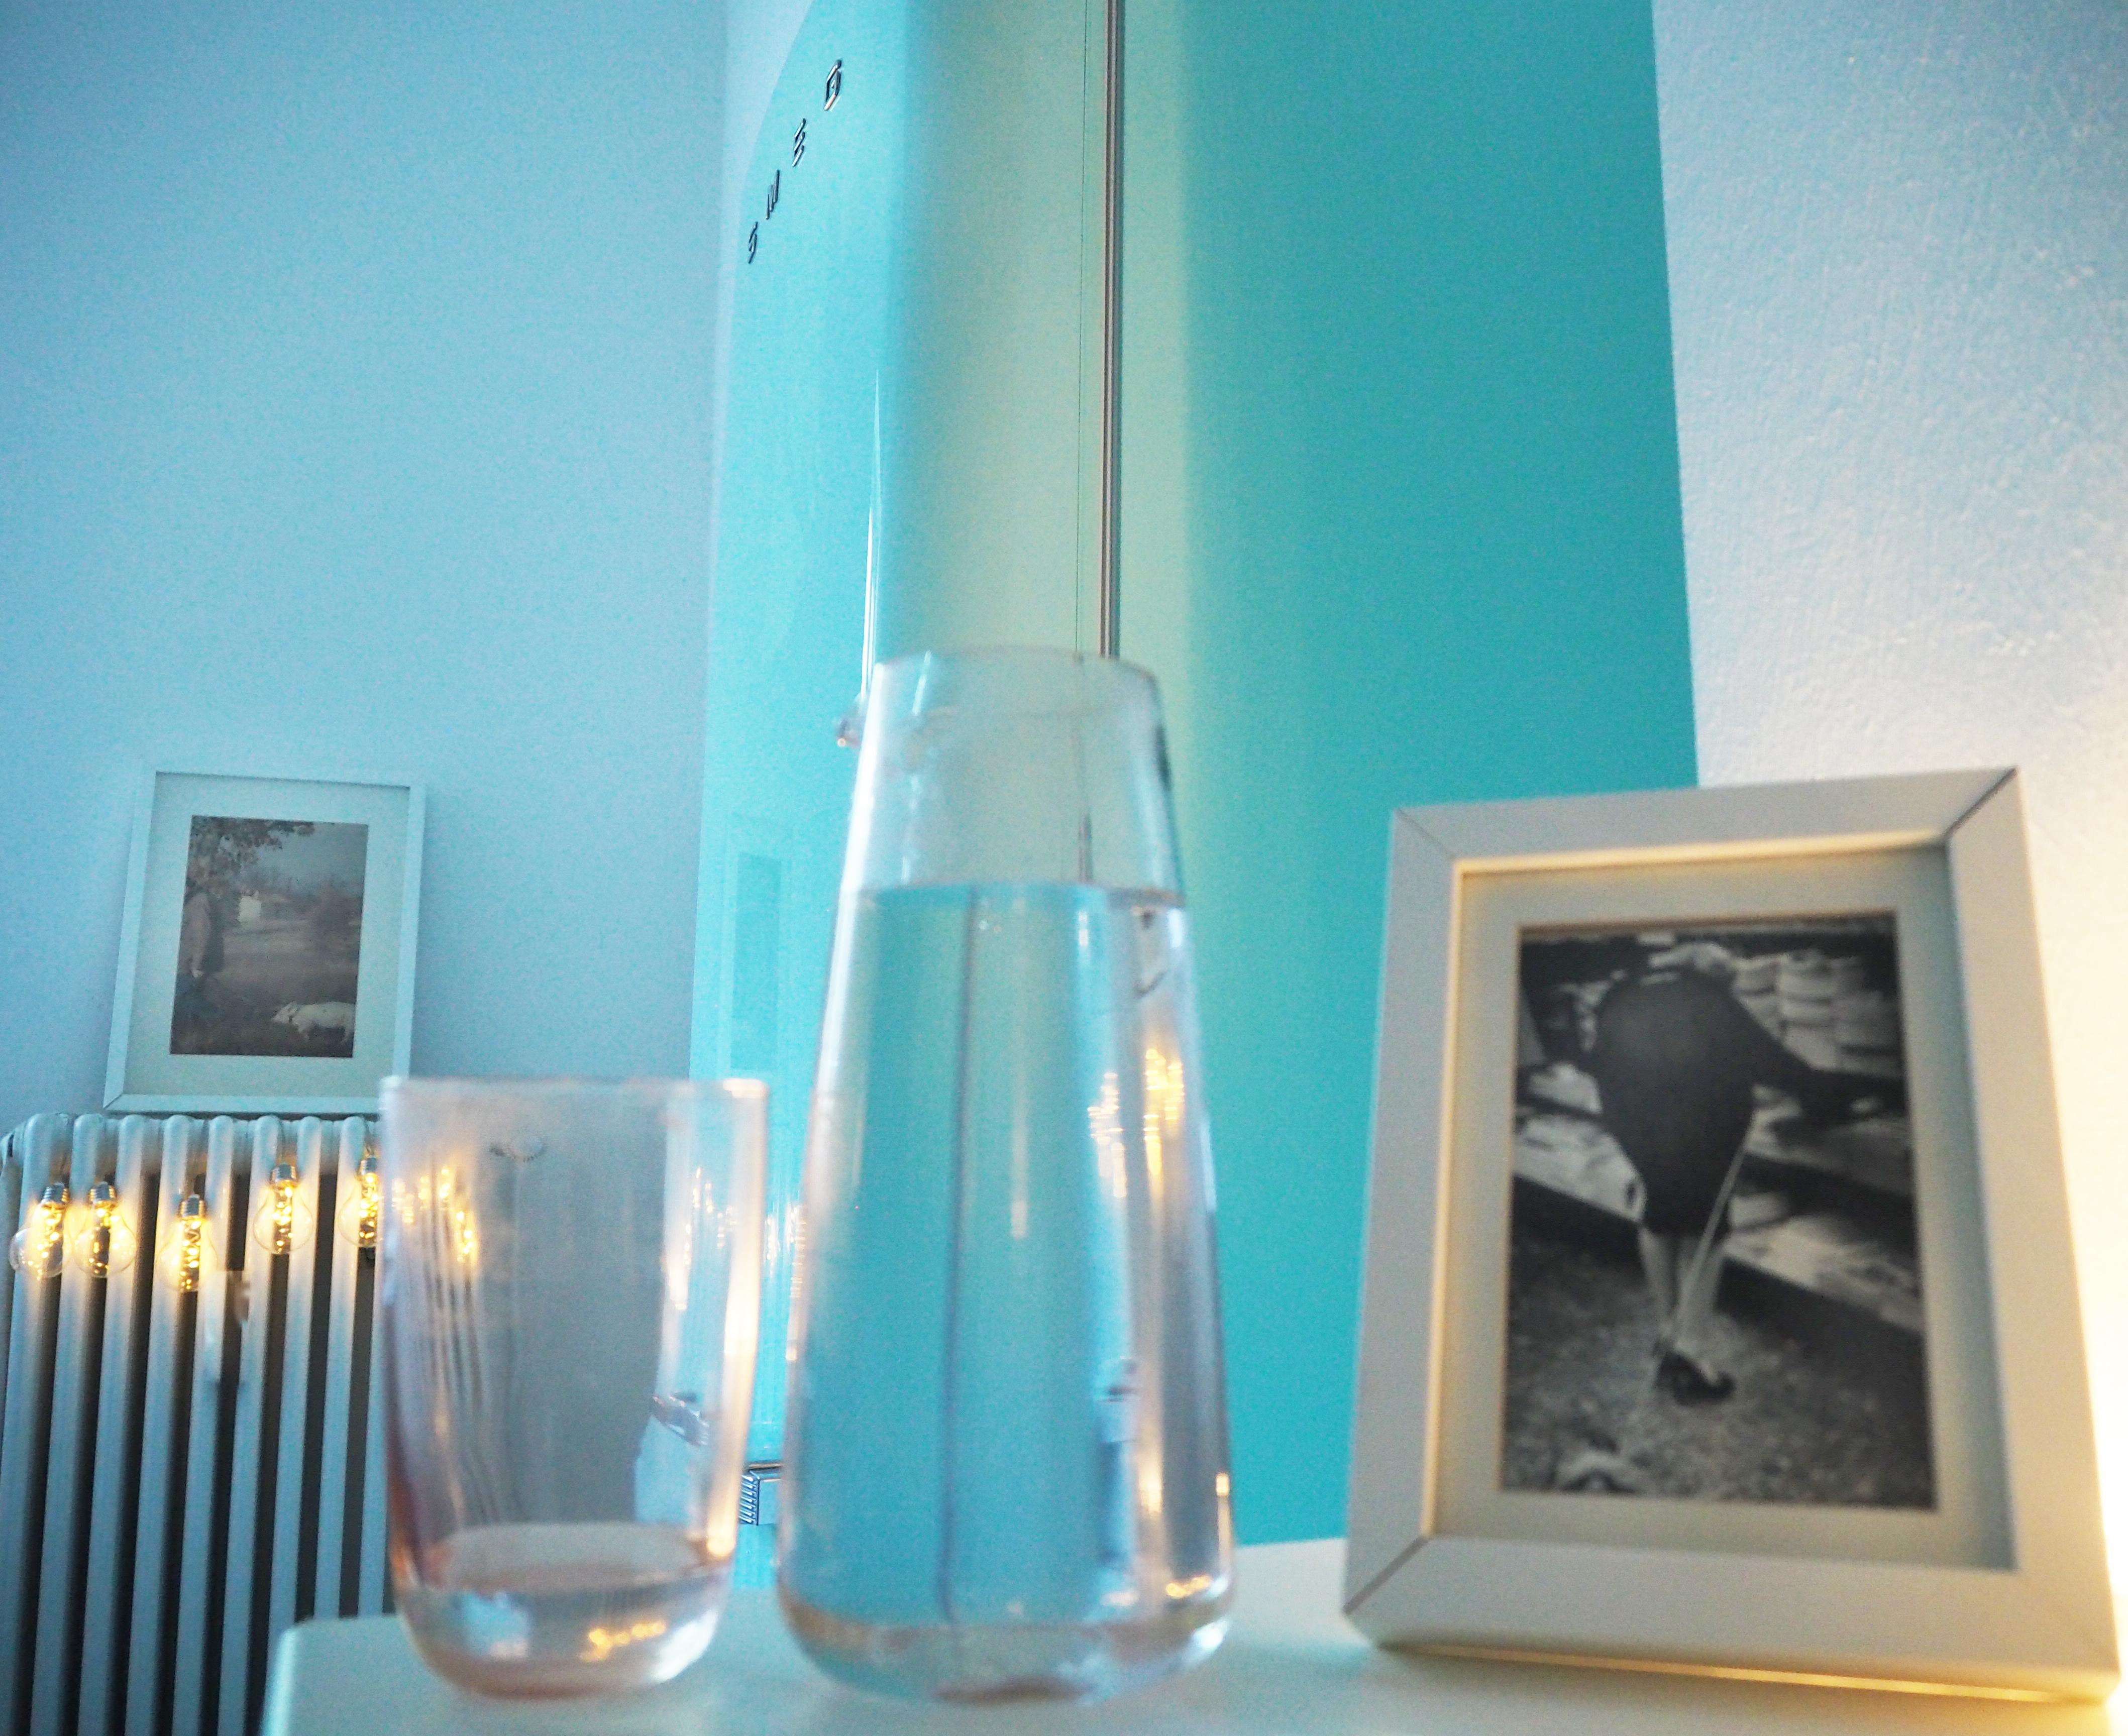 Smeg Kühlschrank Wasser Läuft Aus : Mein versuch wochen lang mehr wasser zu trinken megabambi